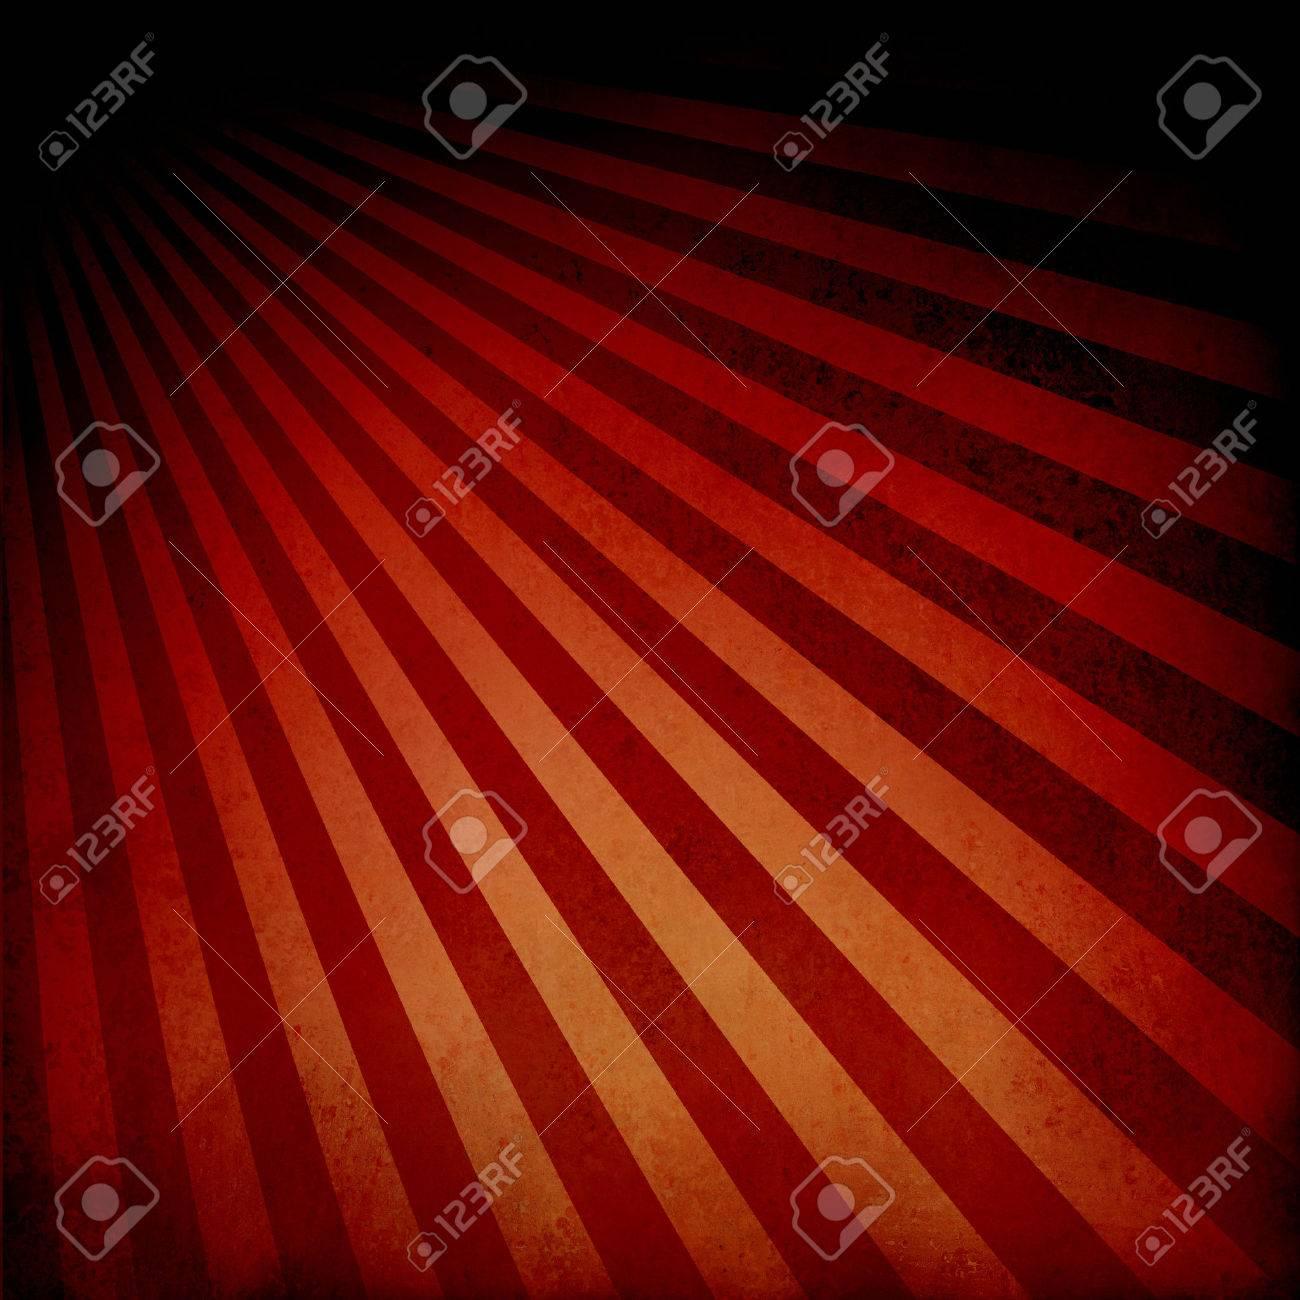 Immagini Stock Arancione Sfondo Rosso Disposizione Retrò A Righe